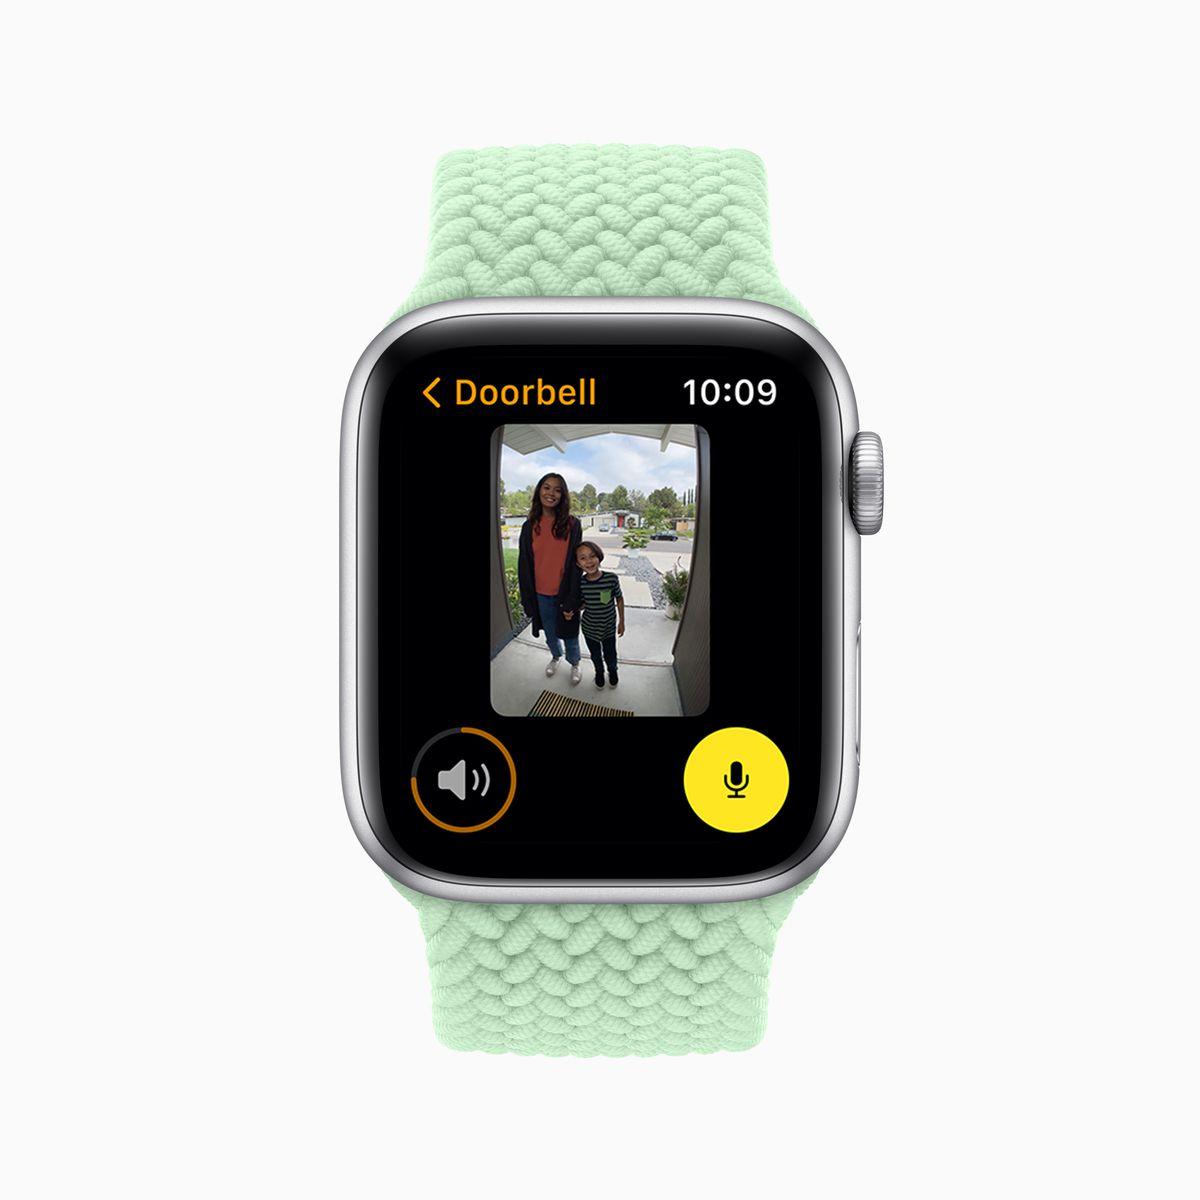 apple wwdc21 watchos8 home doorbell 06072021